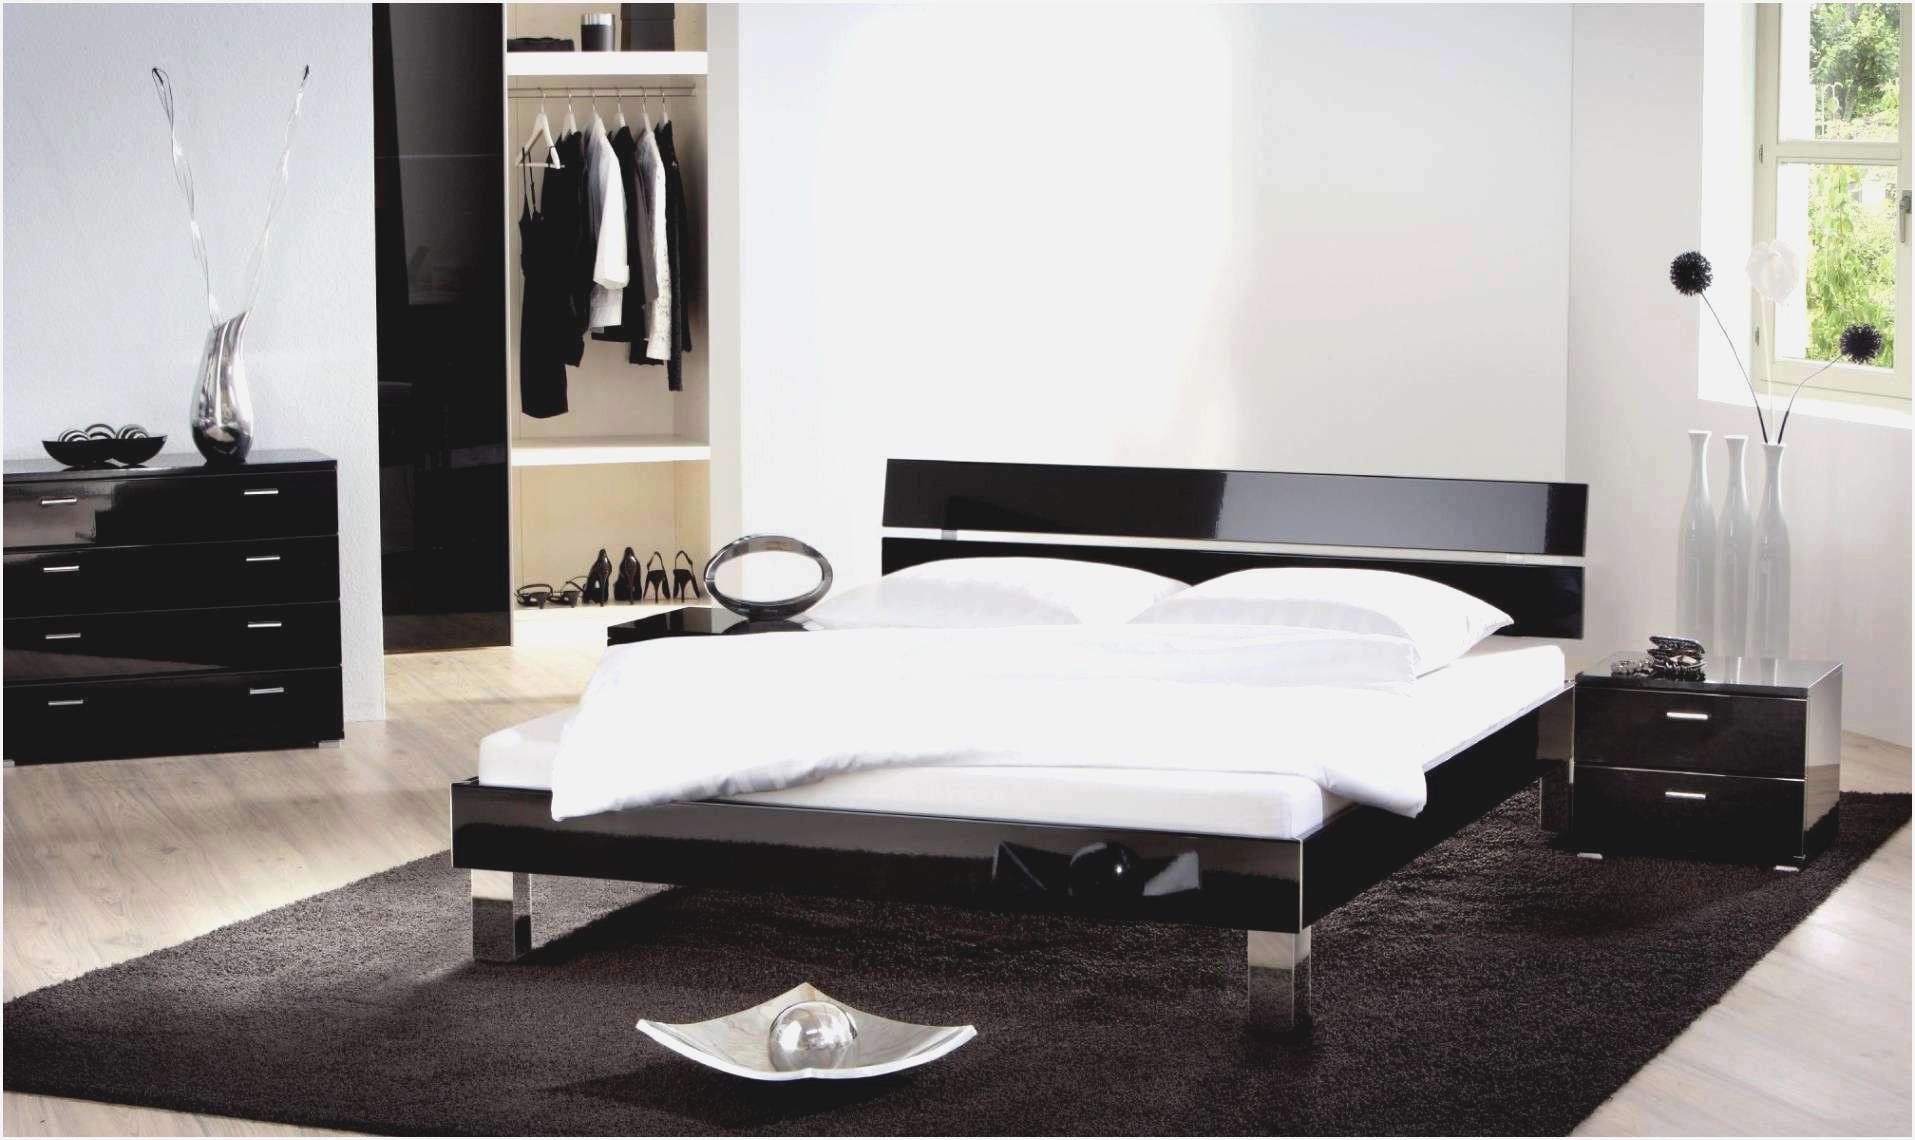 Full Size of Deko Sideboard Badezimmer Wohnzimmer Für Küche Wanddeko Mit Arbeitsplatte Dekoration Schlafzimmer Wohnzimmer Deko Sideboard